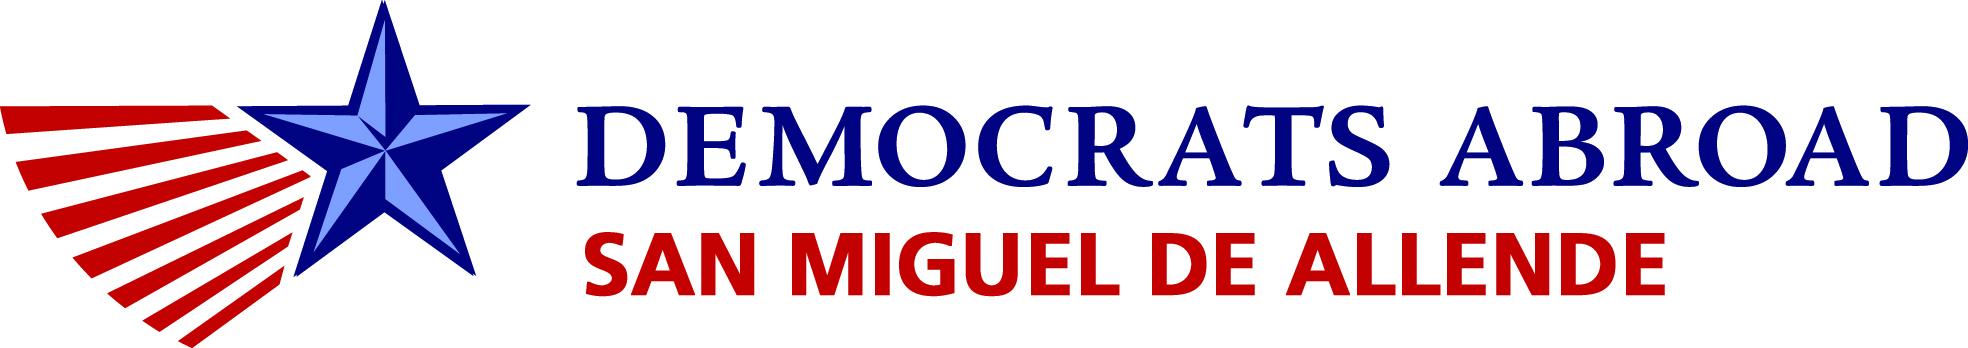 Democrats Abroad San Miguel